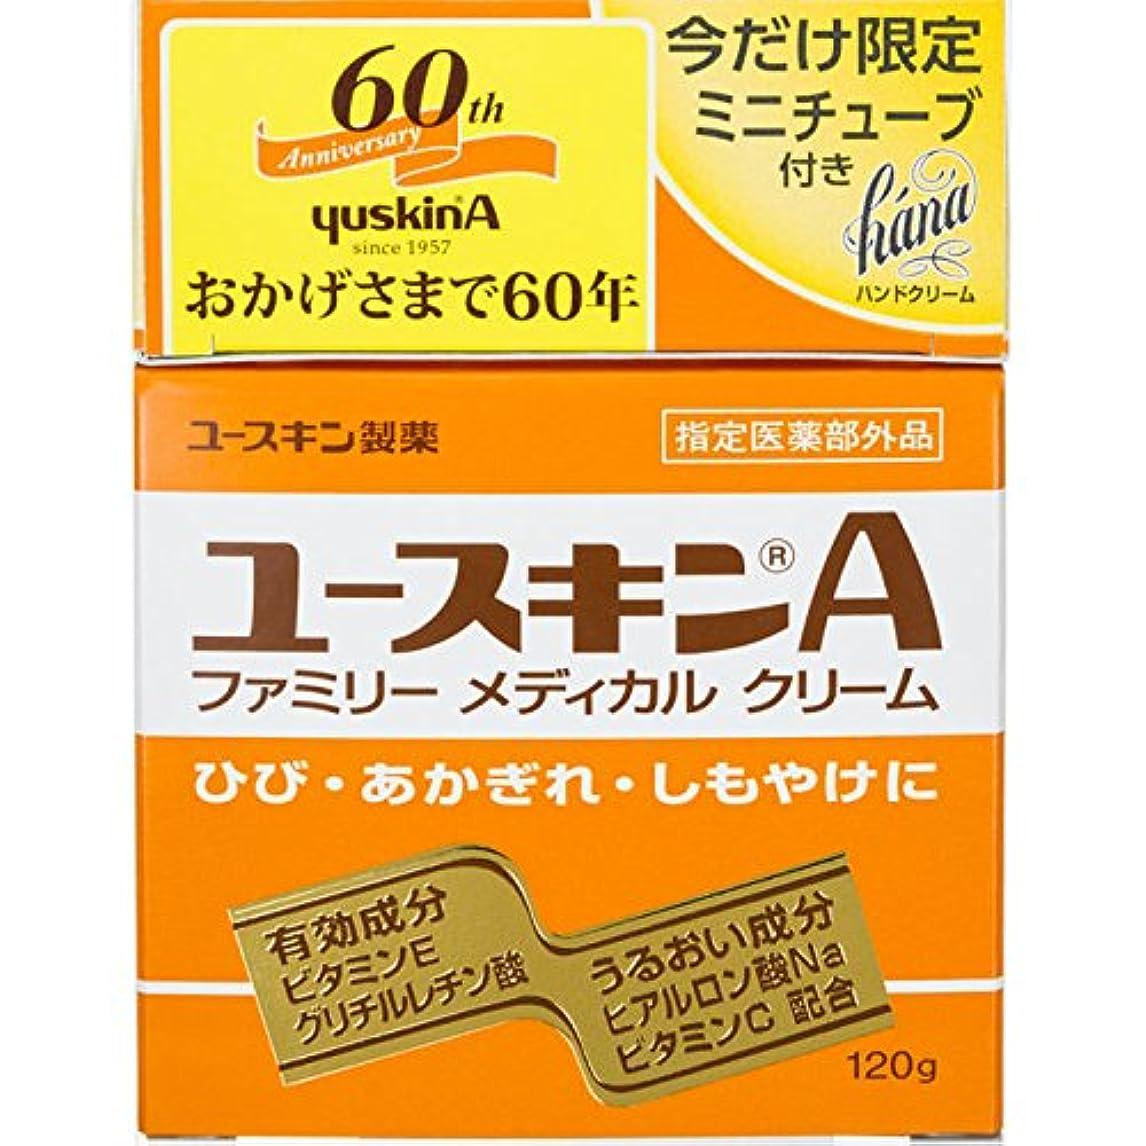 博覧会スープ不十分ユースキン製薬 サービスパック2017 120g+12g (医薬部外品)